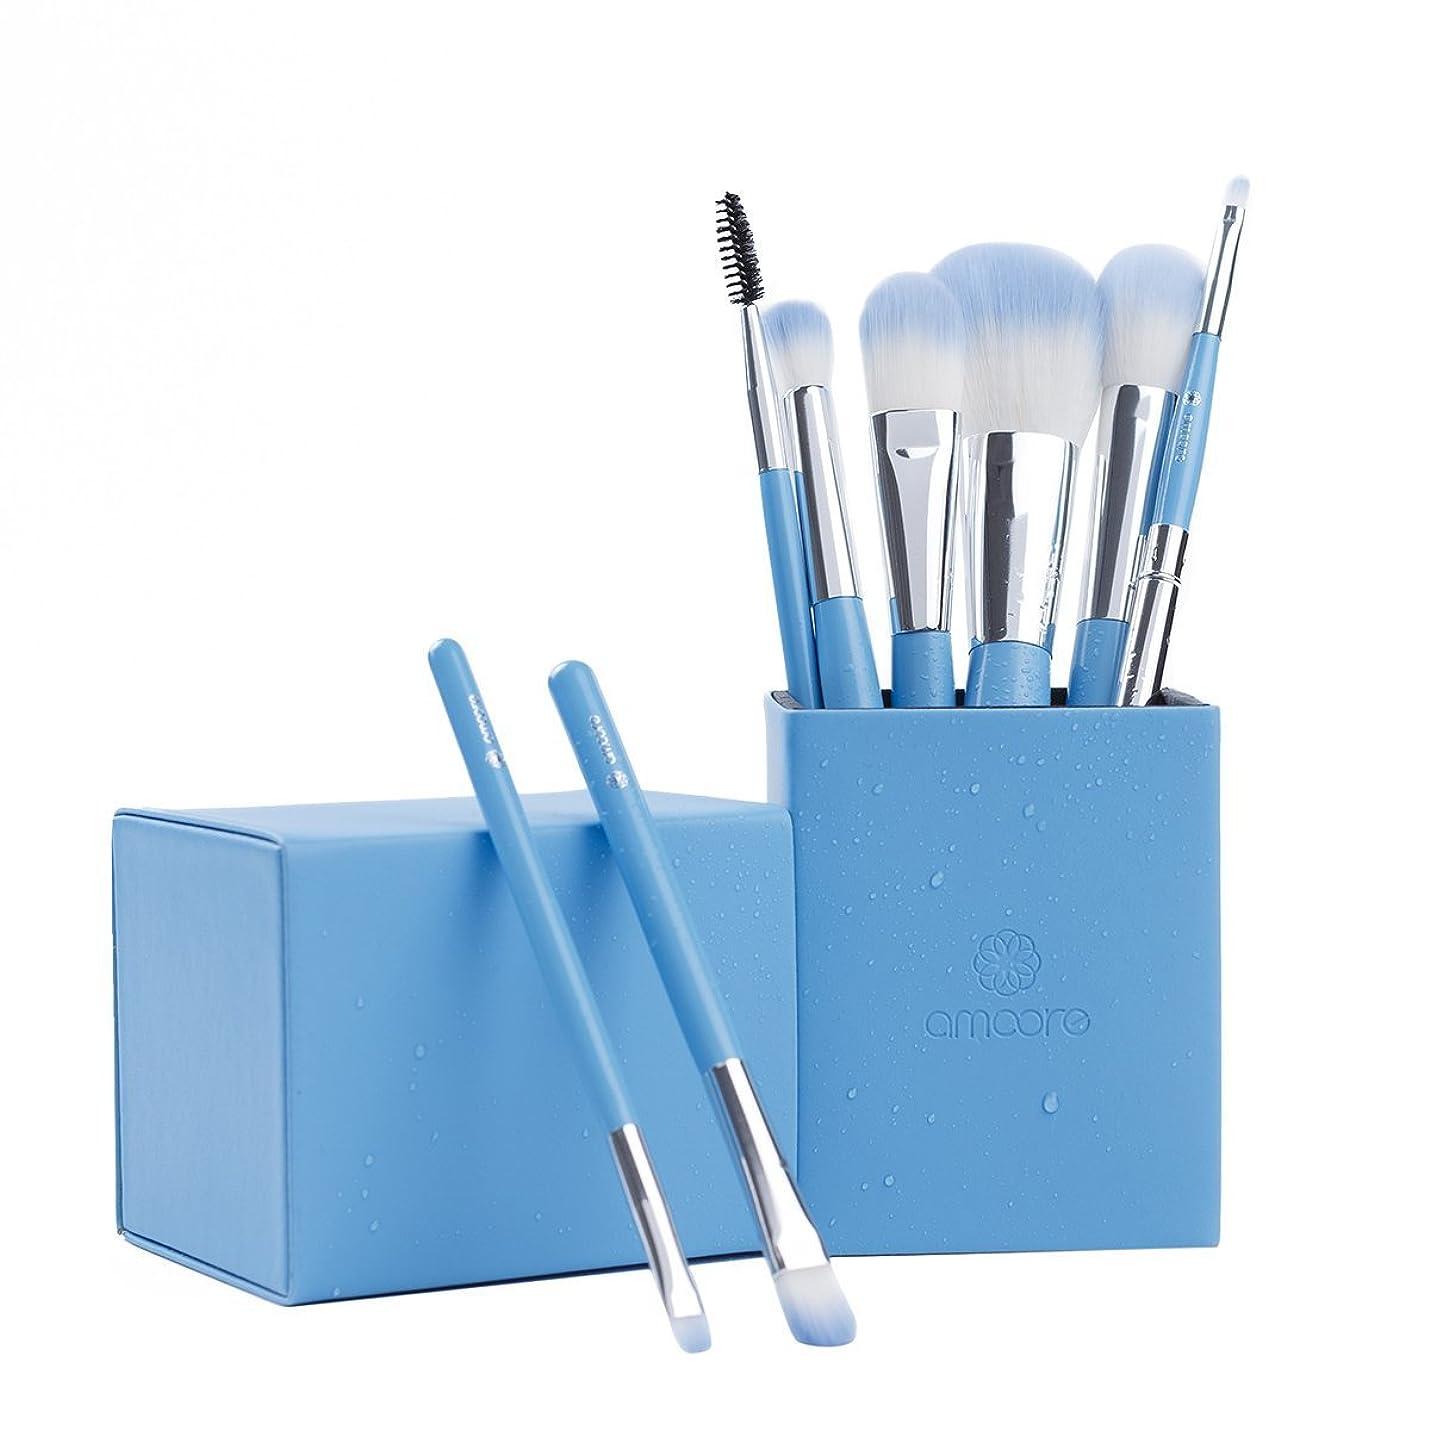 保持したがってリボンamoore 化粧筆 メイクブラシセット 化粧ブラシ セット コスメ ブラシ 収納ケース付き (8本, 水色)